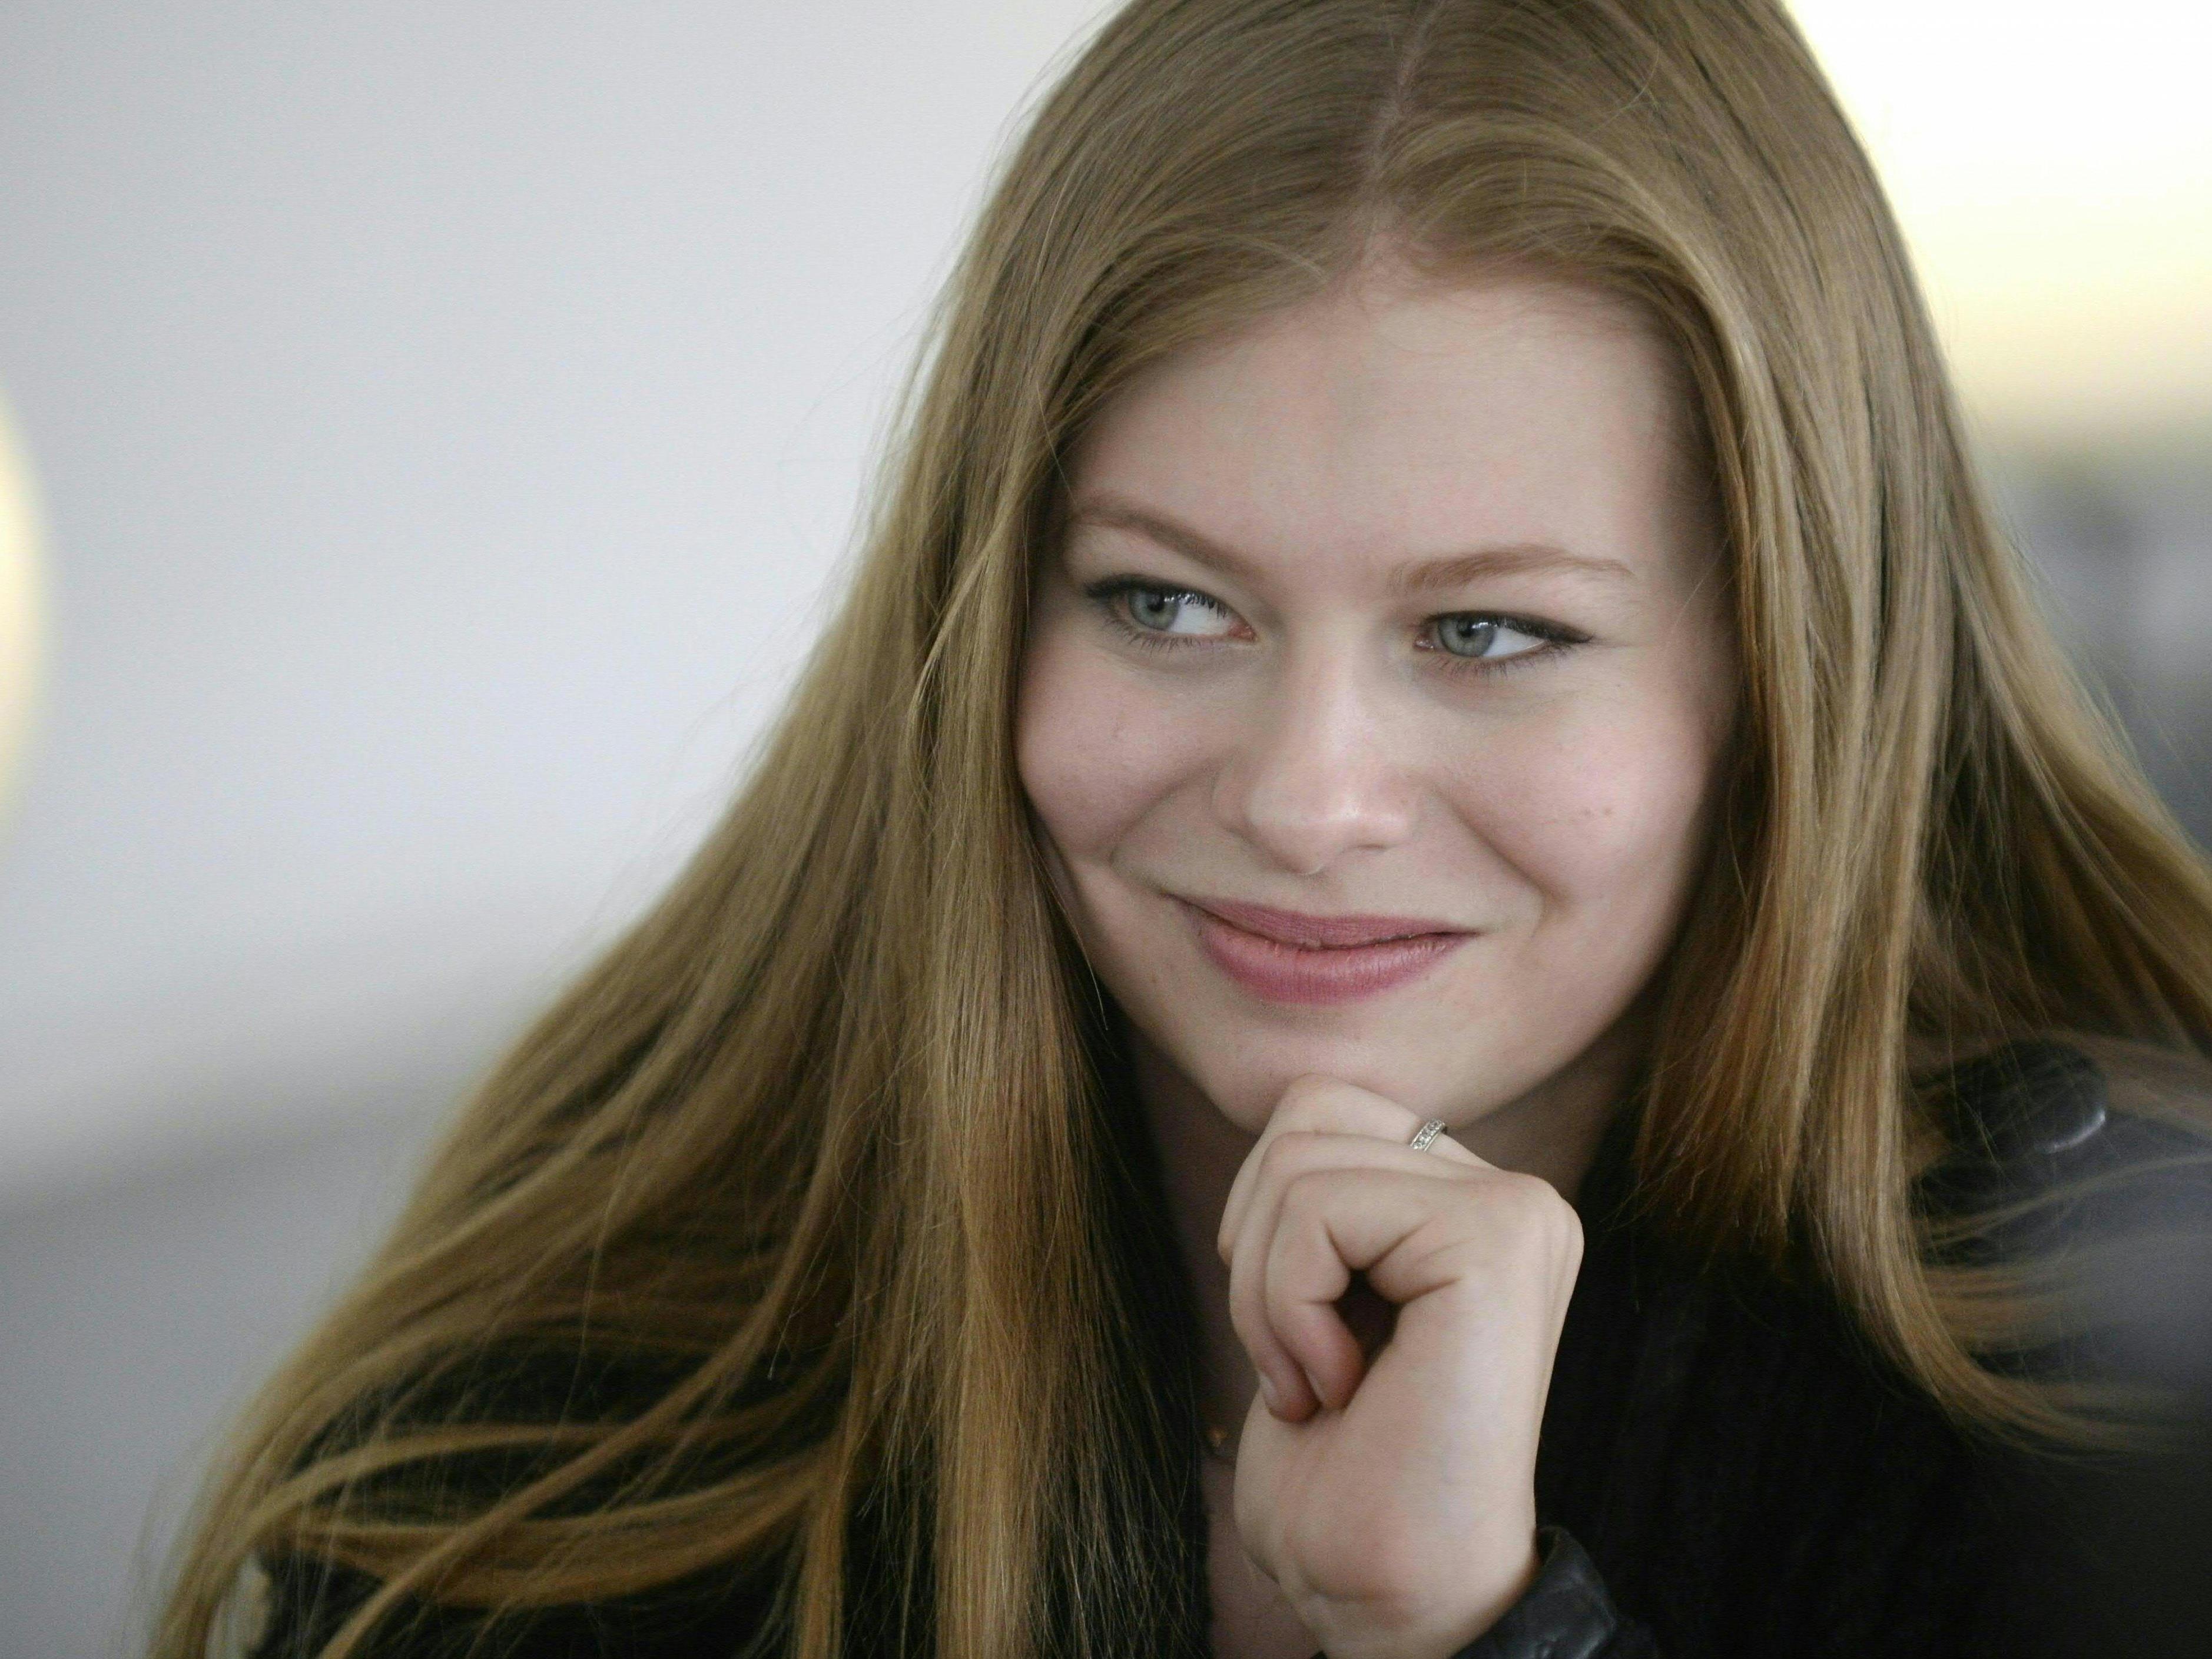 Zoe wird Österreich beim Eurovision Song Contest 2016 vertreten.